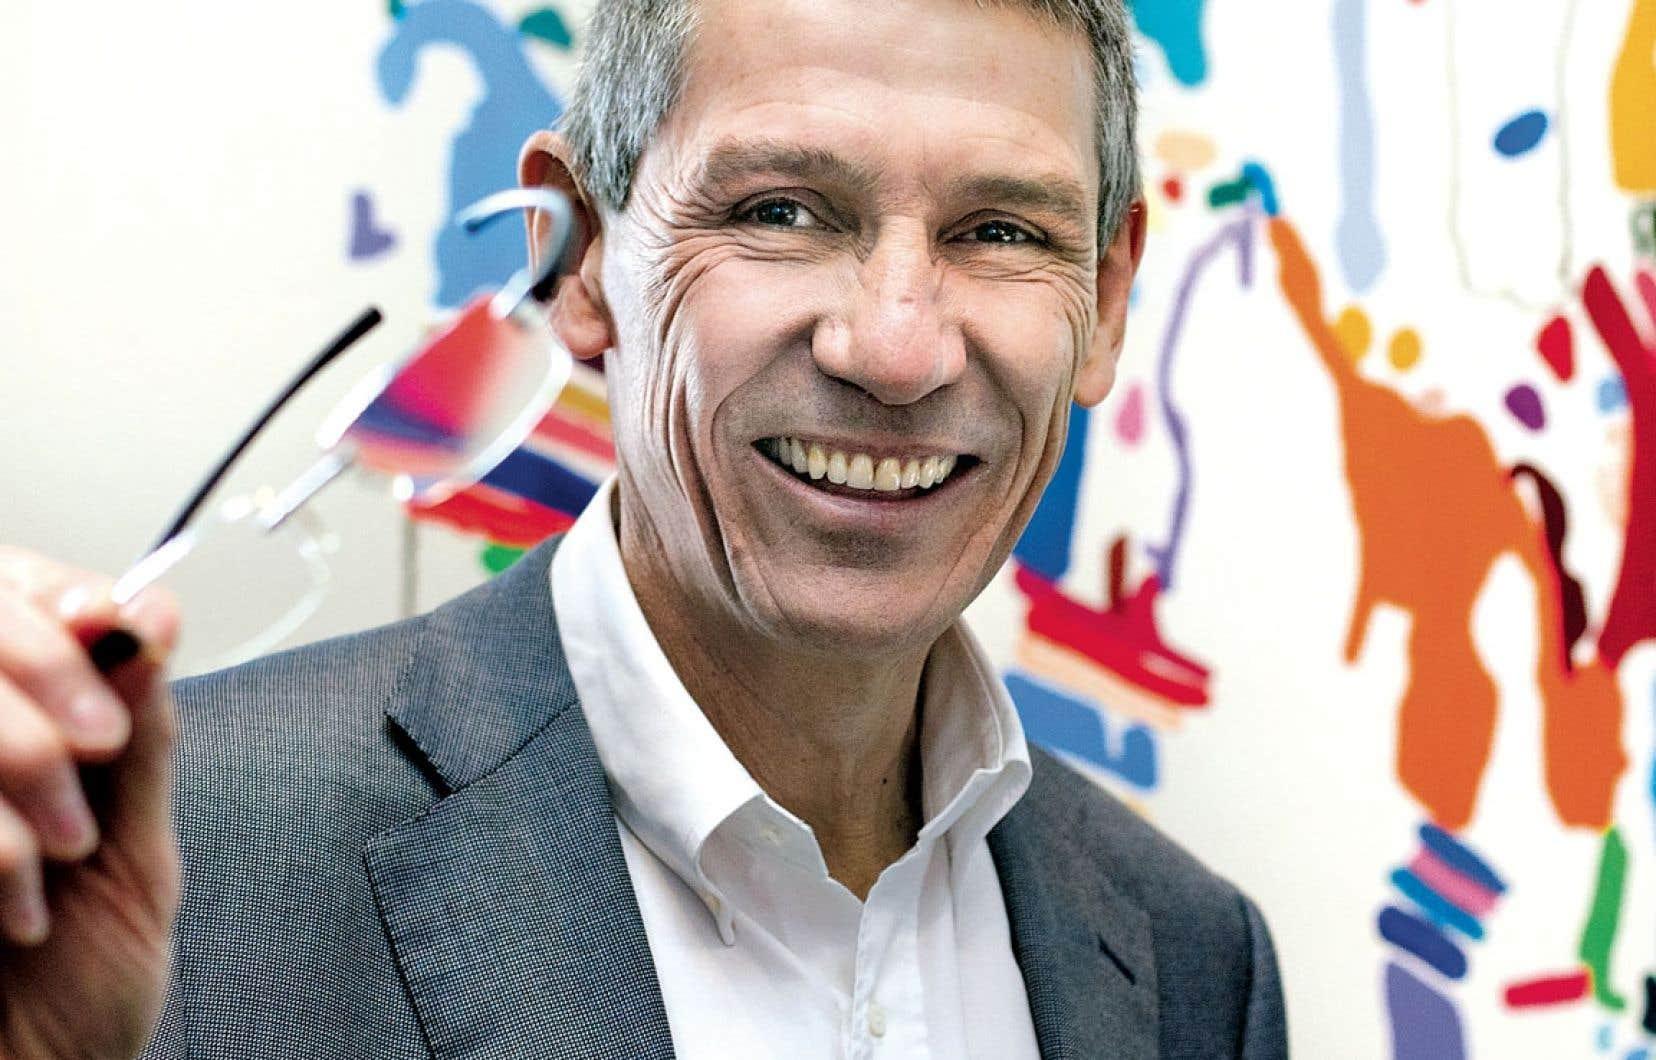 Hubert Sagnières affirme que les problèmes de vision non corrigés entraînent des pertes de productivité de 270 milliards à l'échelle mondiale.